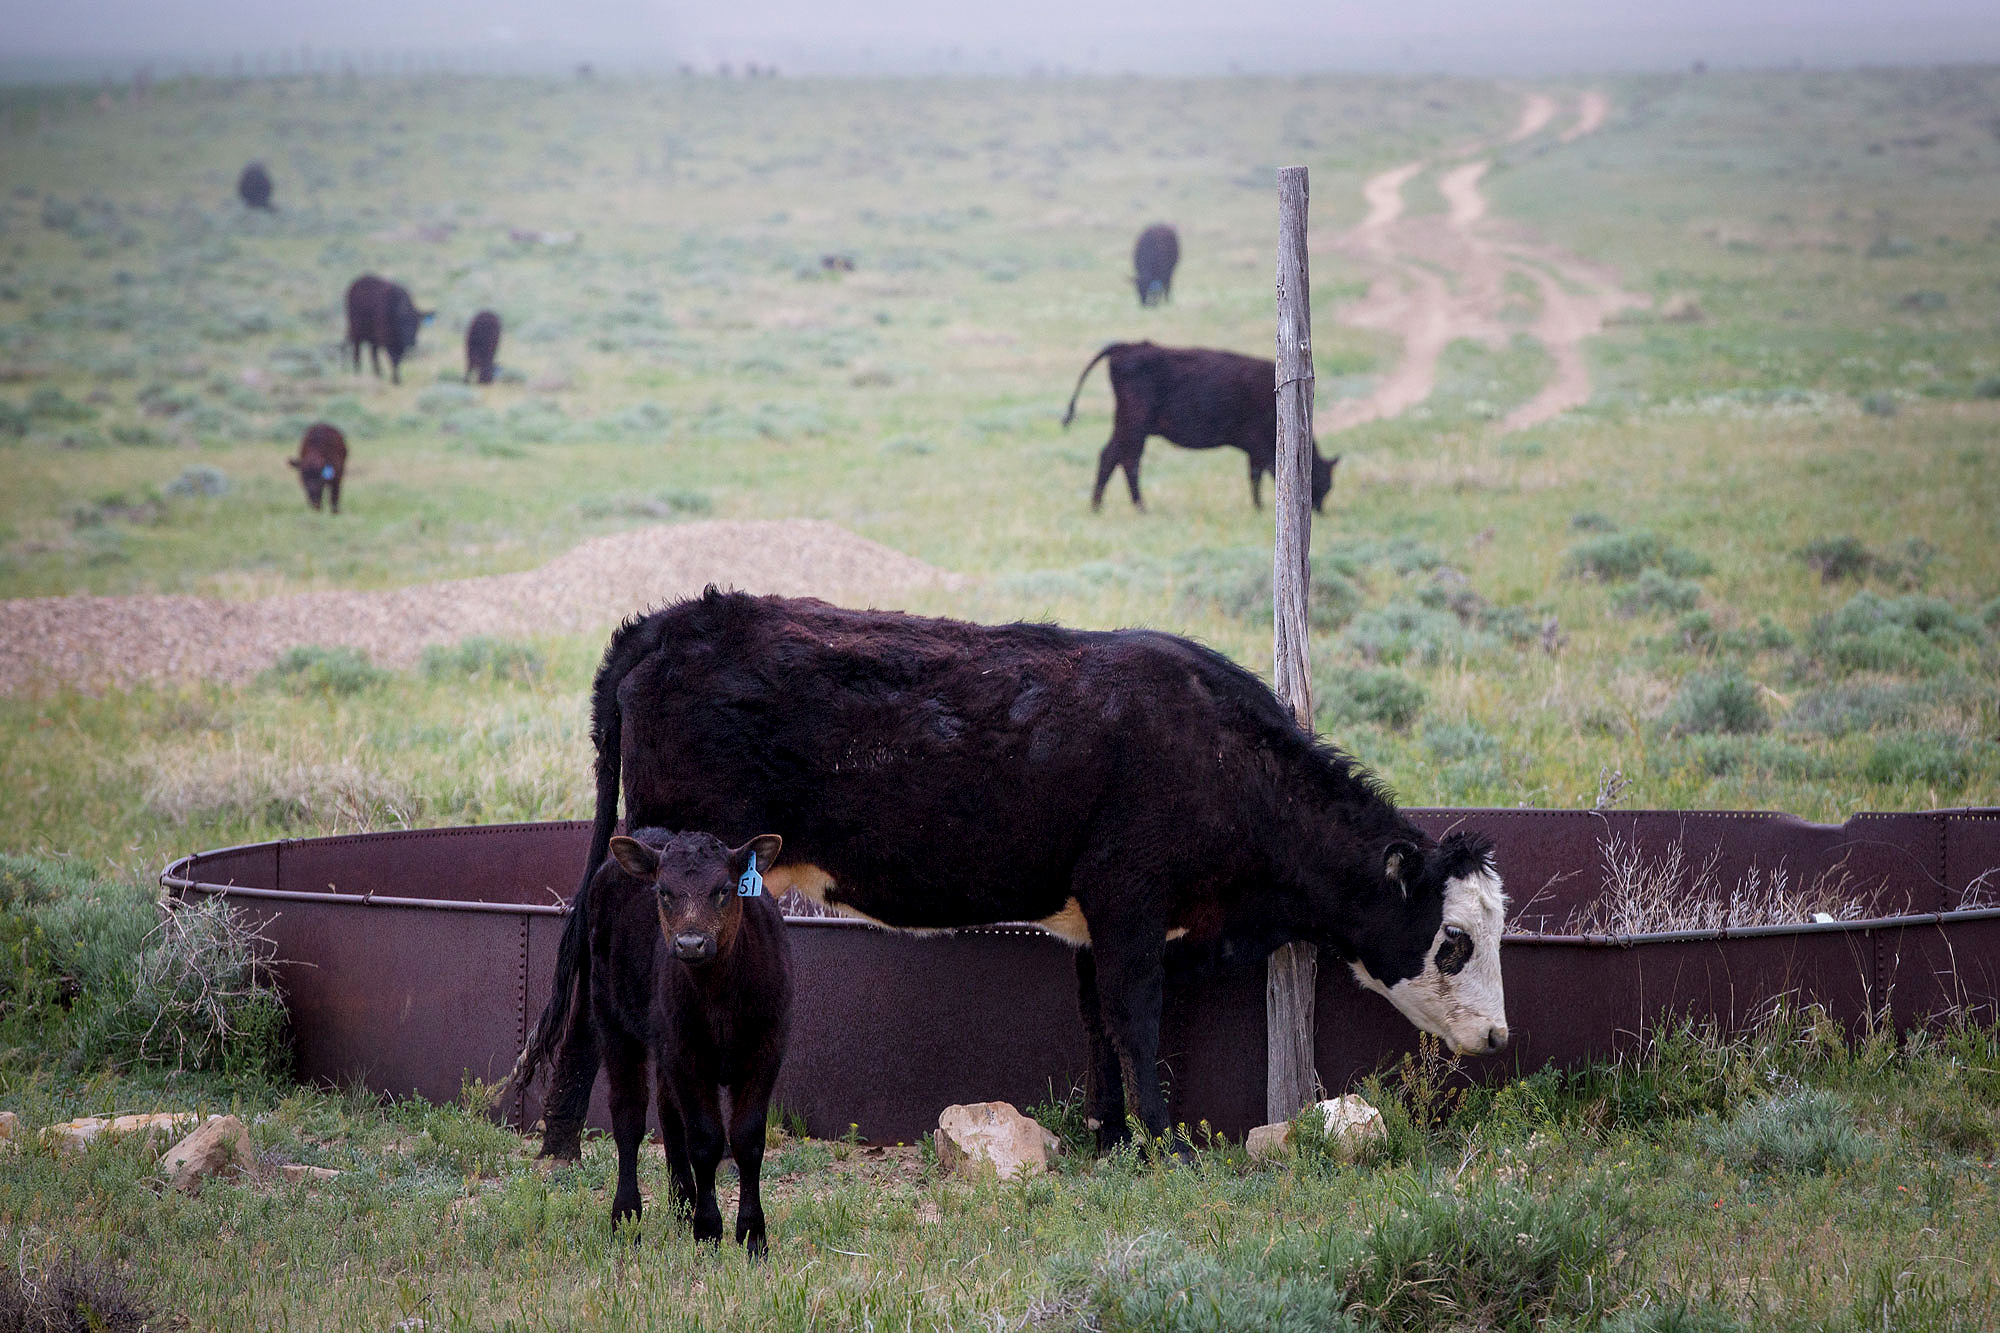 Cattle graze alongside Hwy 287 in Baca County May 20, 2019.